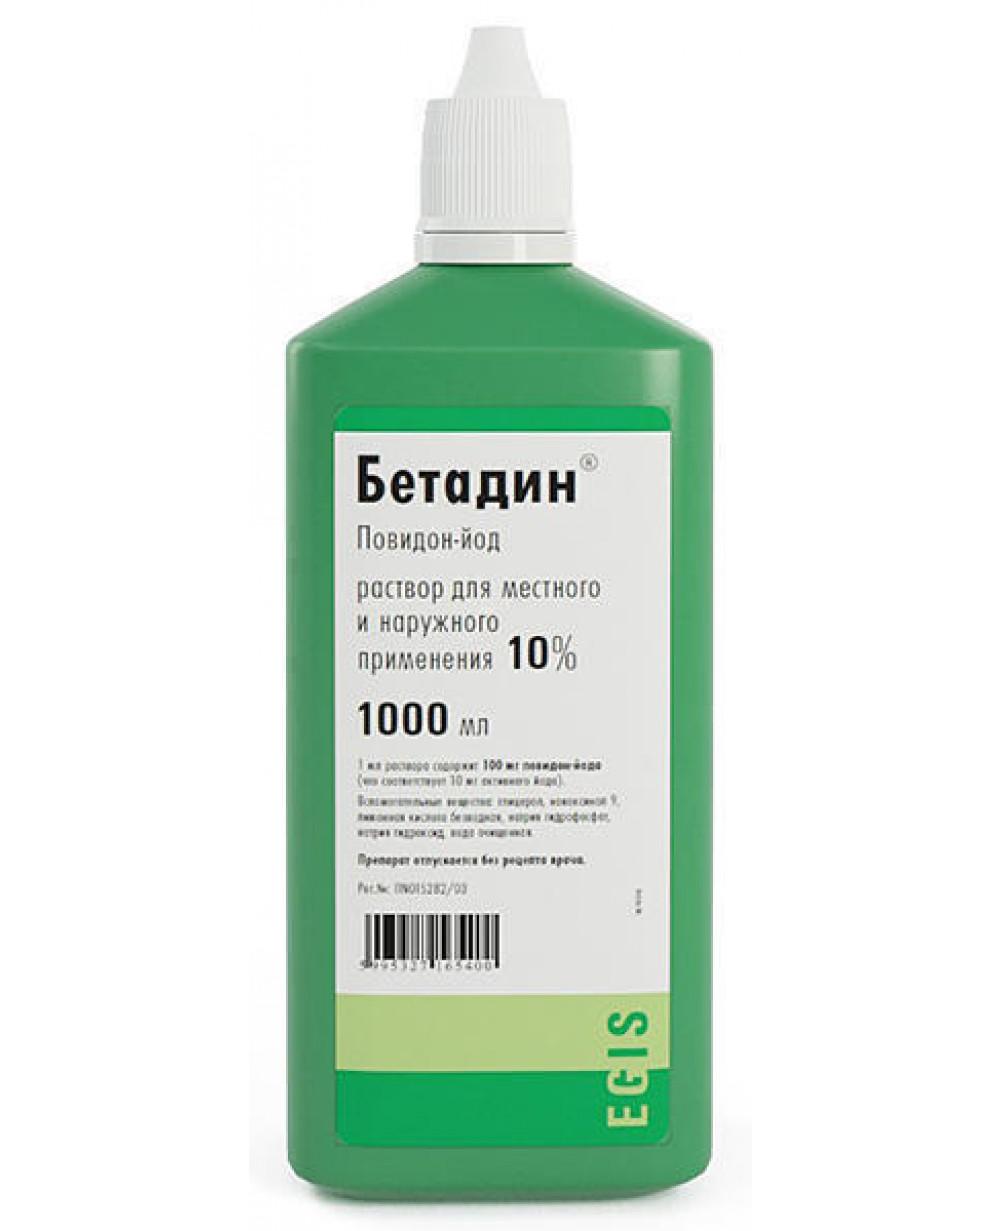 3113 БЕТАДИНЕ® - Povidone-iodine